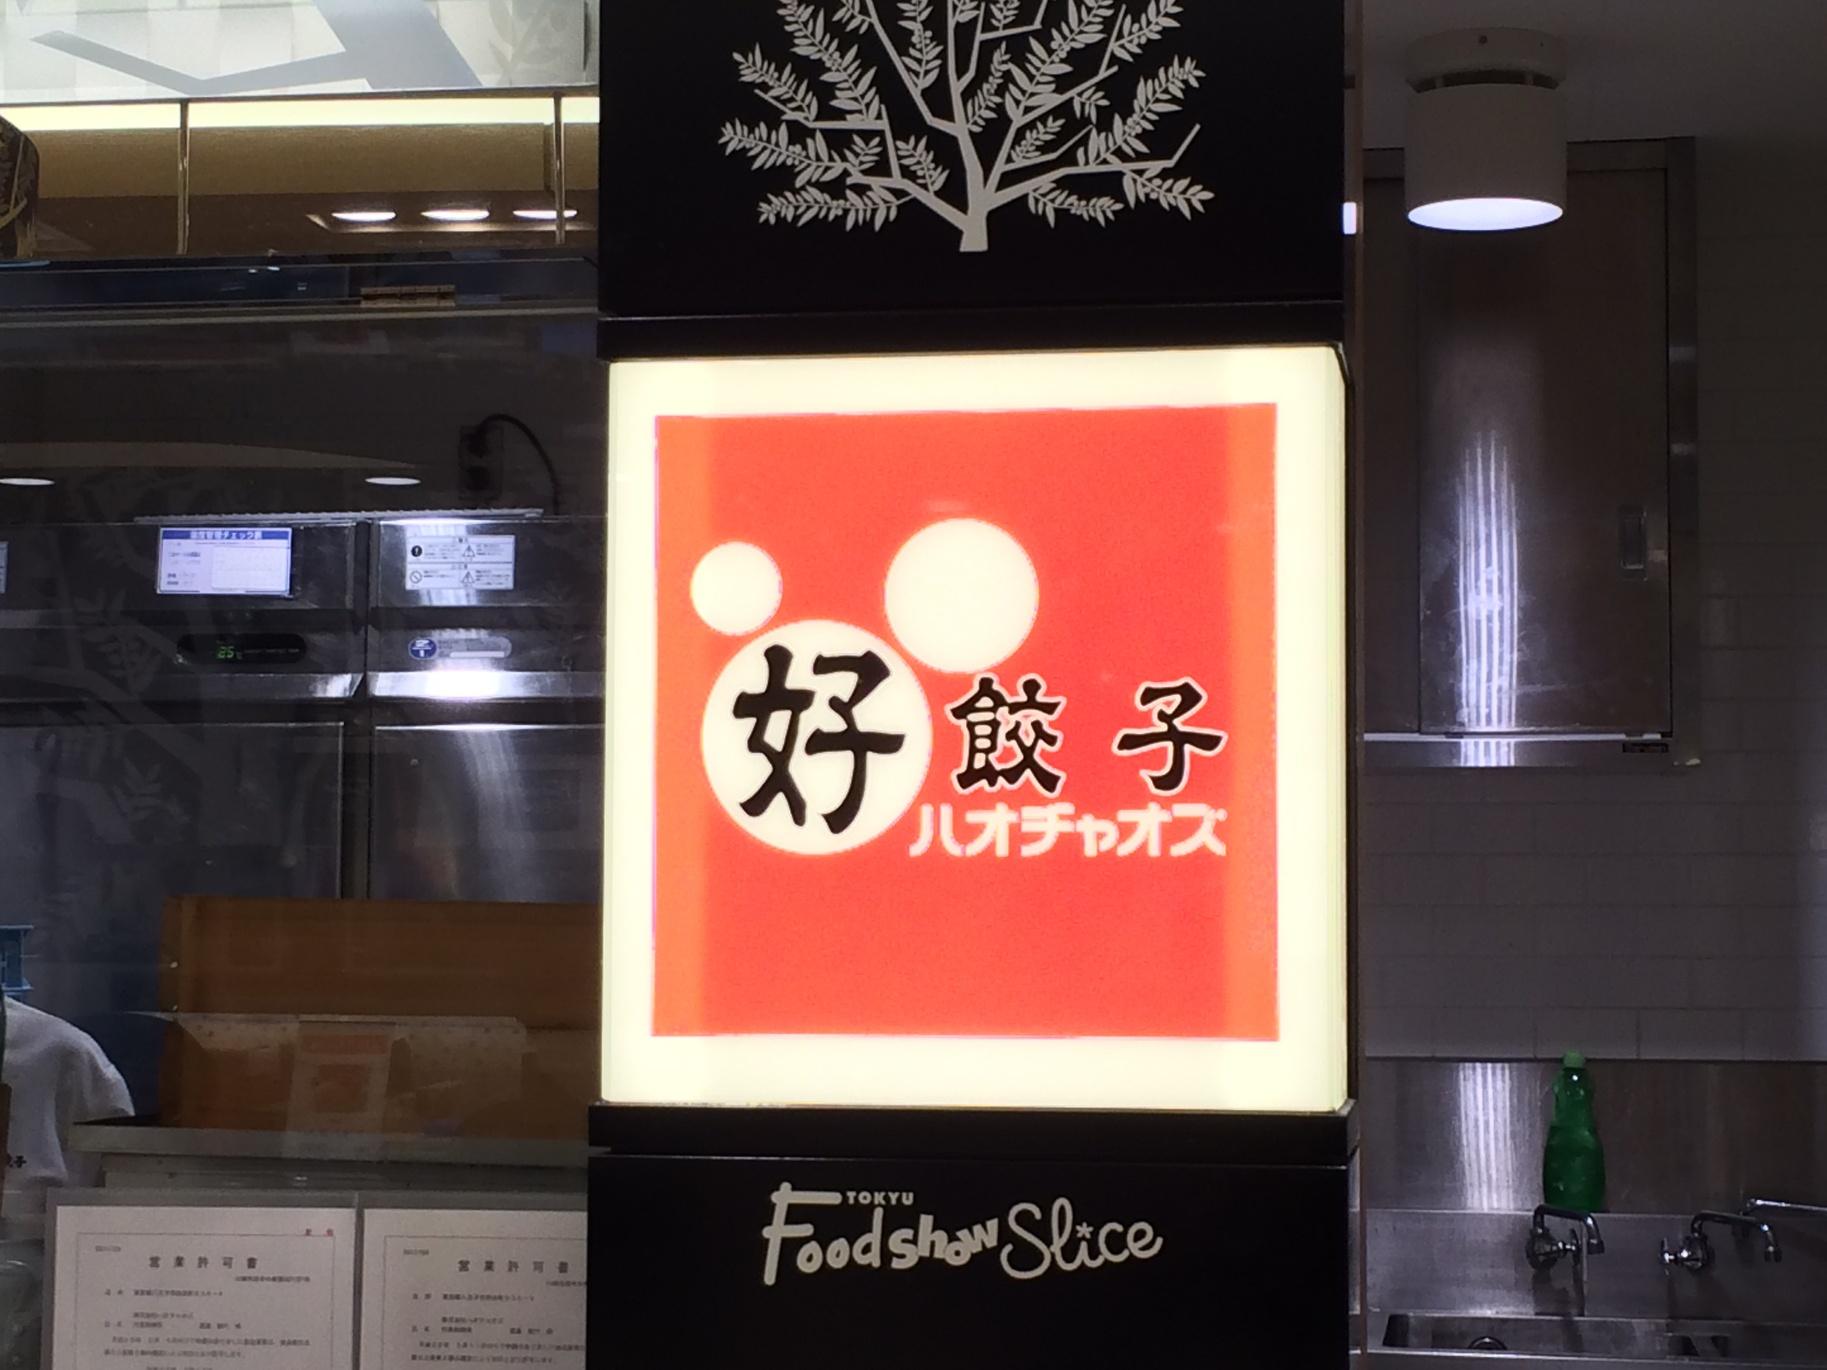 好餃子 武蔵小杉 東急フードショースライス店